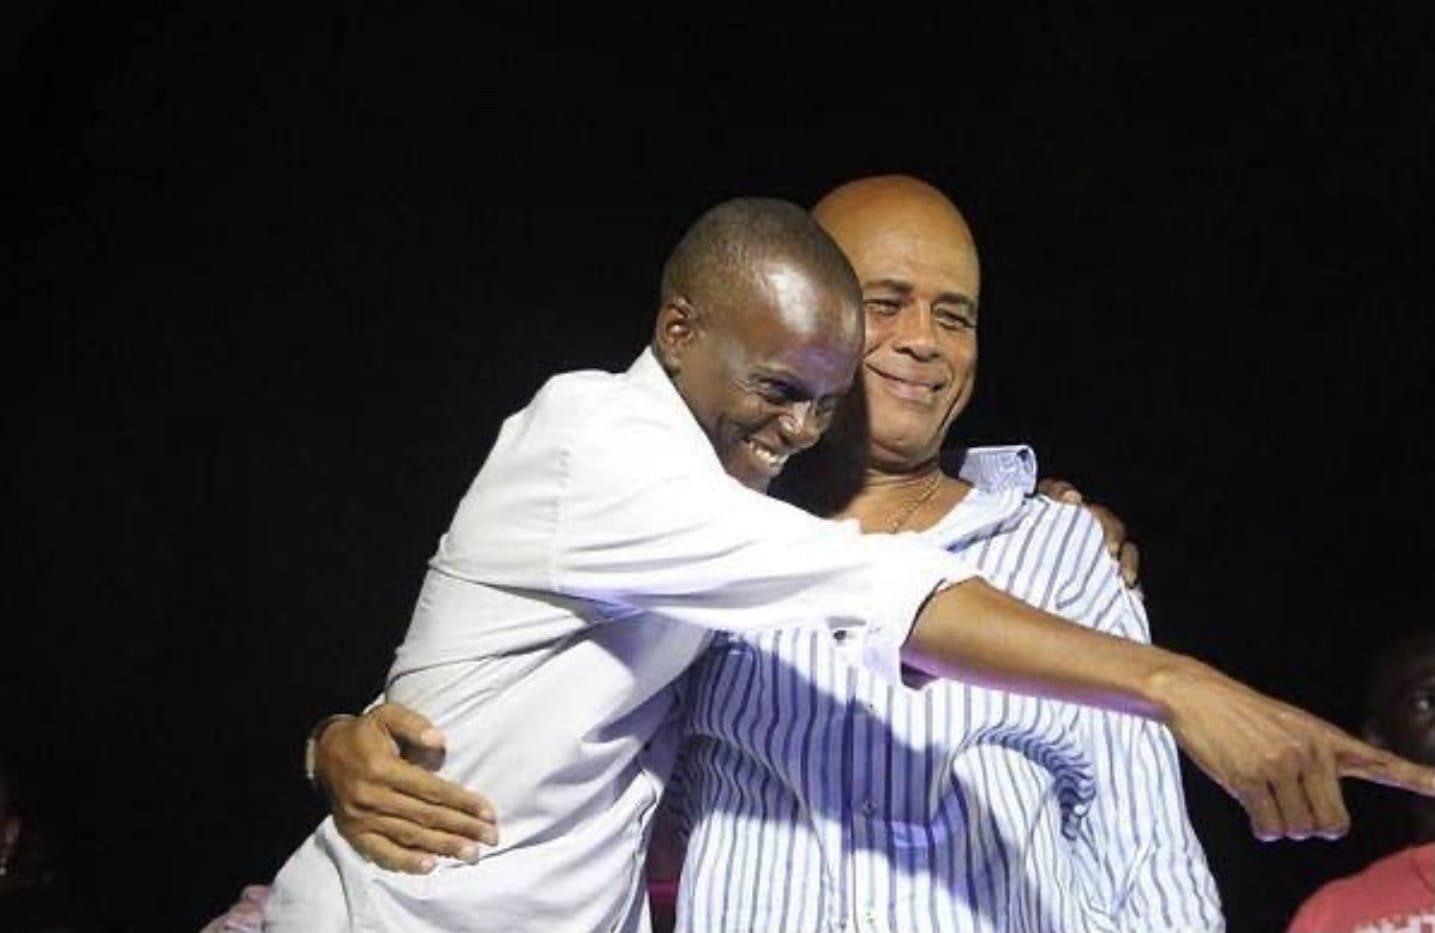 Pour Michel Martelly, l'assassinat de Jovenel Moïse est un coup dur pour la démocratie